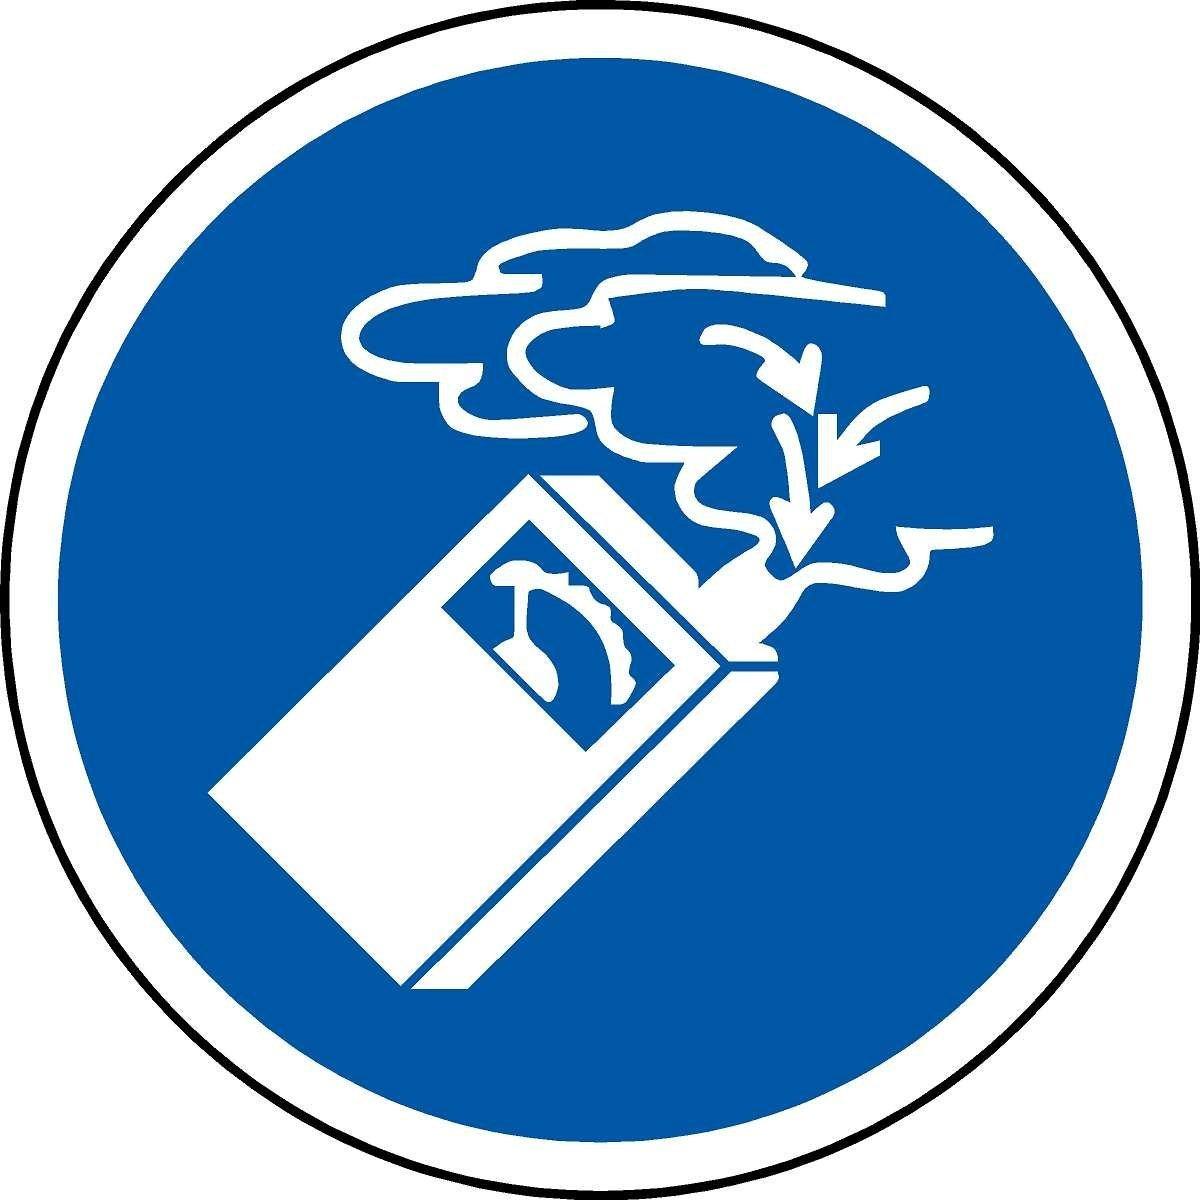 Label de caracteres ISO Seguridad - Uso Internacional Detector de gas Símbolo - pegatinas etiqueta 100 mm de diámetro: Amazon.es: Bricolaje y herramientas